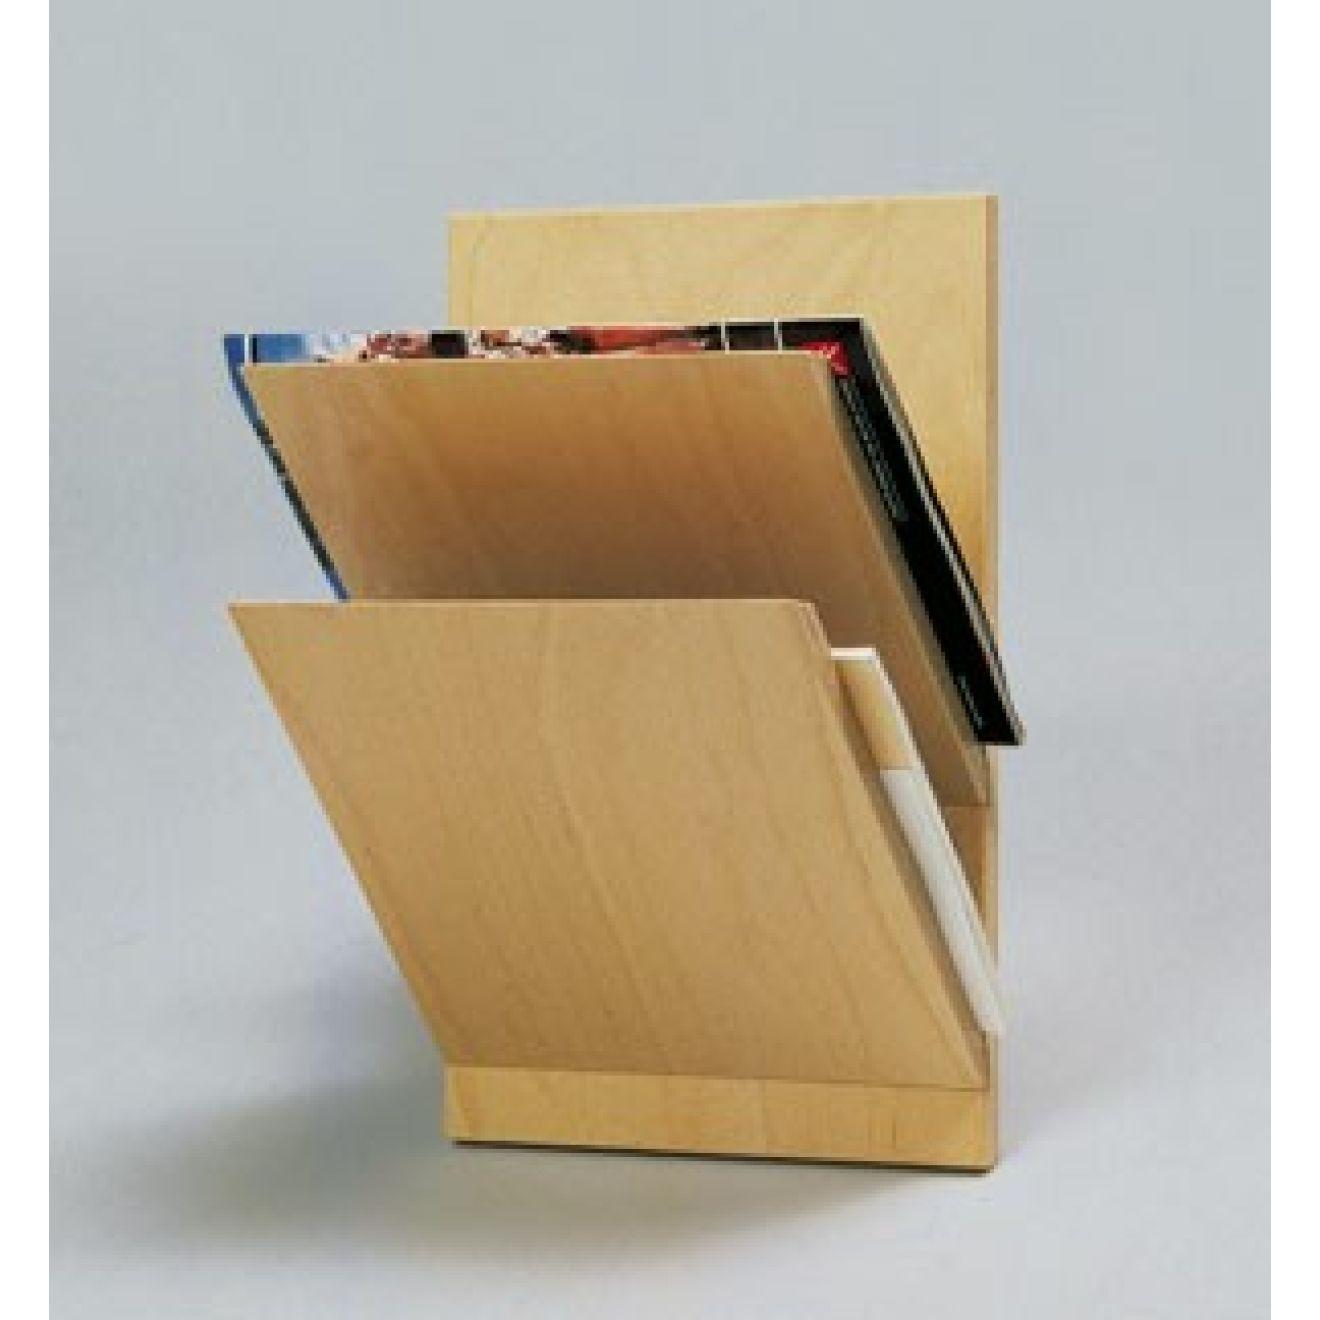 wand zeitschriftenhalter 2 fach aus holz zeitungshalter ohne deko wertprodukte. Black Bedroom Furniture Sets. Home Design Ideas